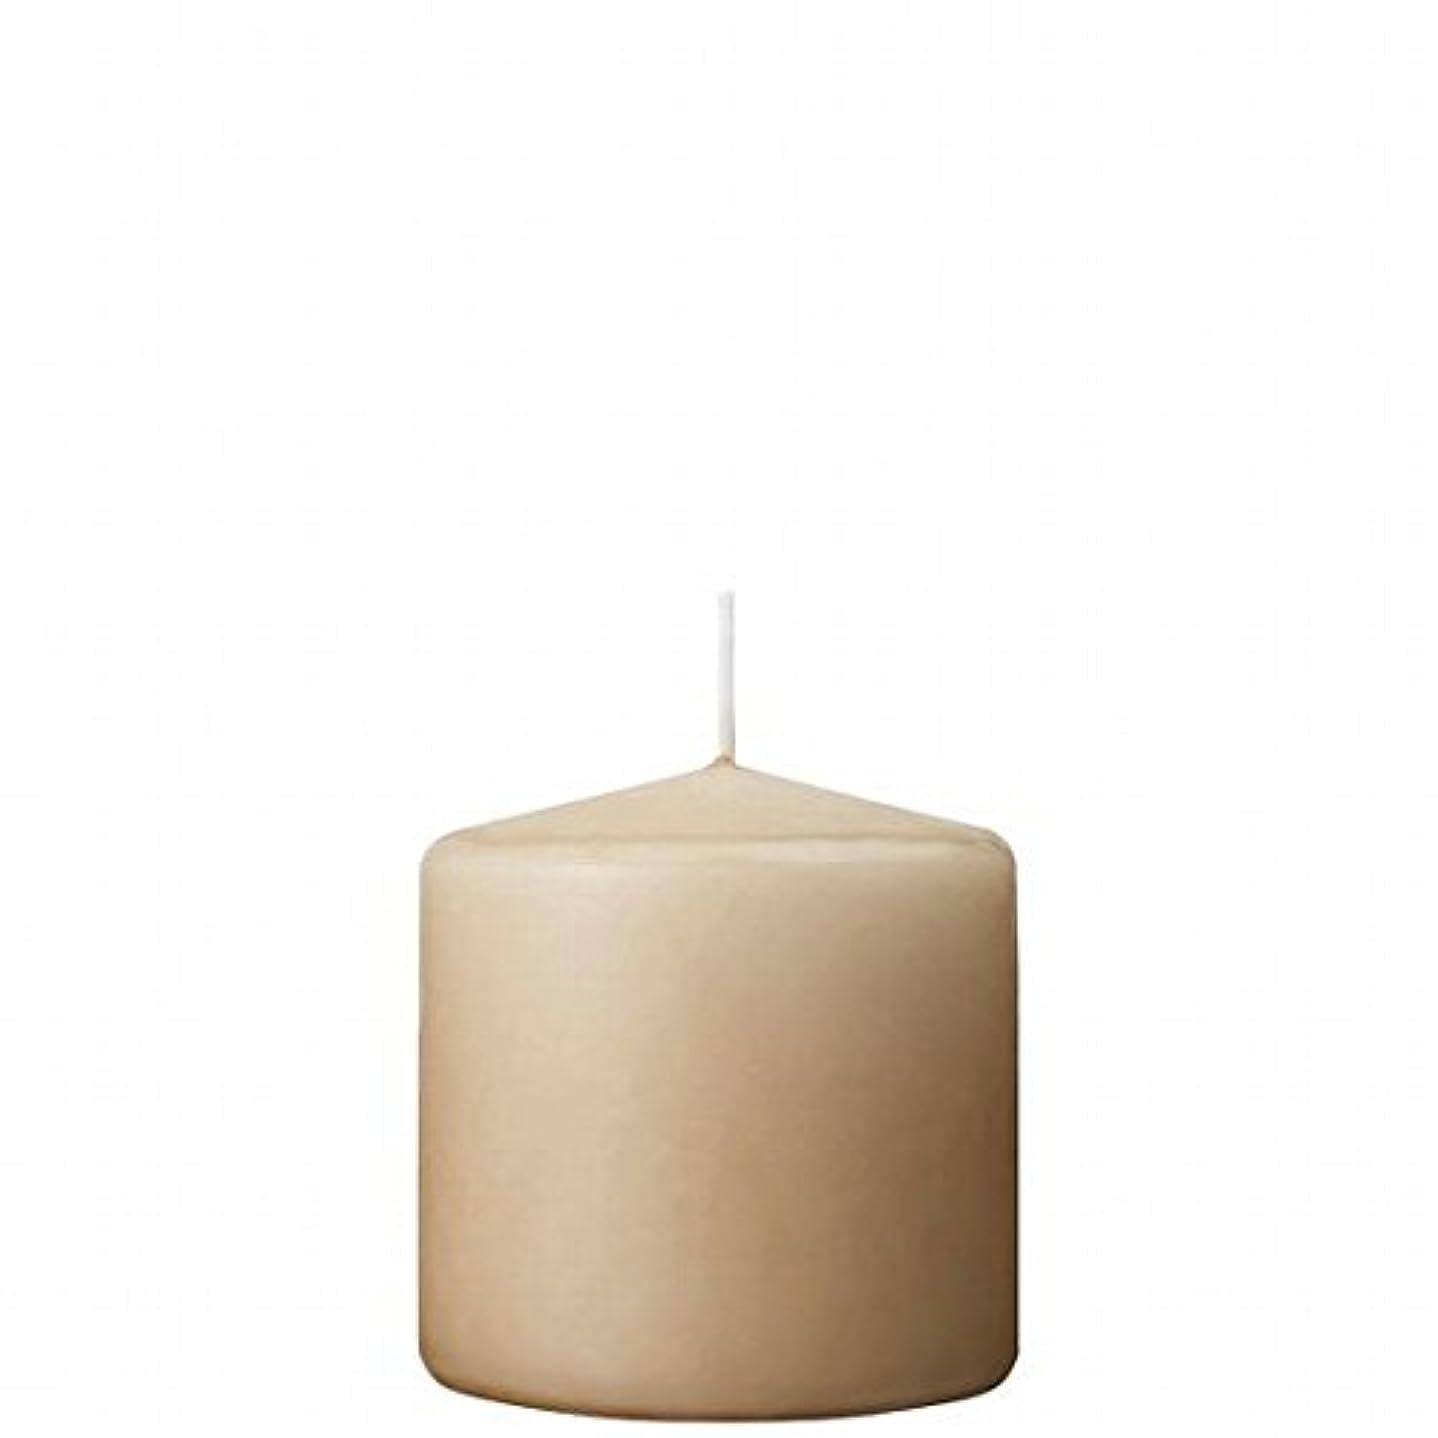 レポートを書く故国債務カメヤマキャンドル( kameyama candle ) 3×3ベルトップピラーキャンドル 「 ベージュ 」